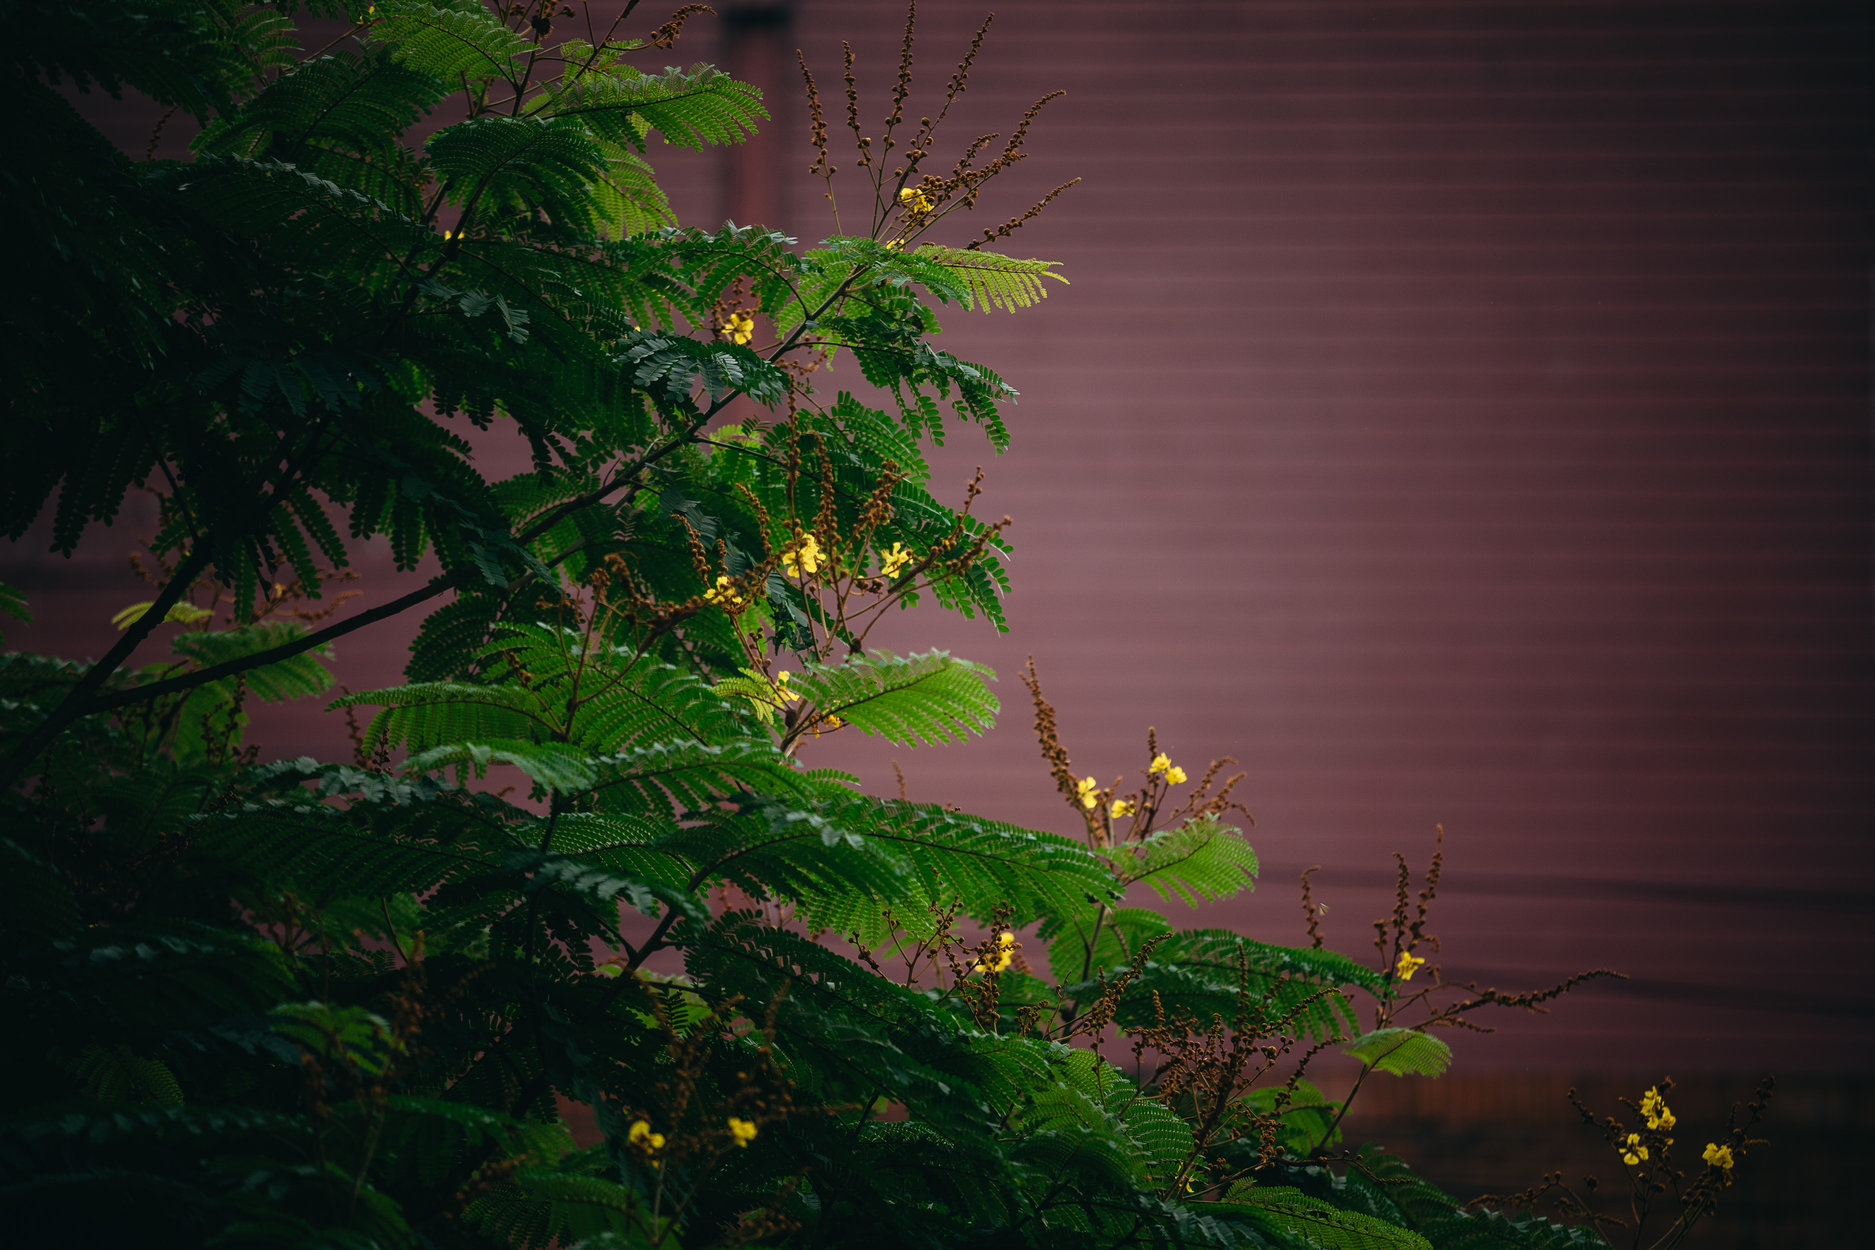 nolisoli be fixture trees up washington sycip garden of native trees